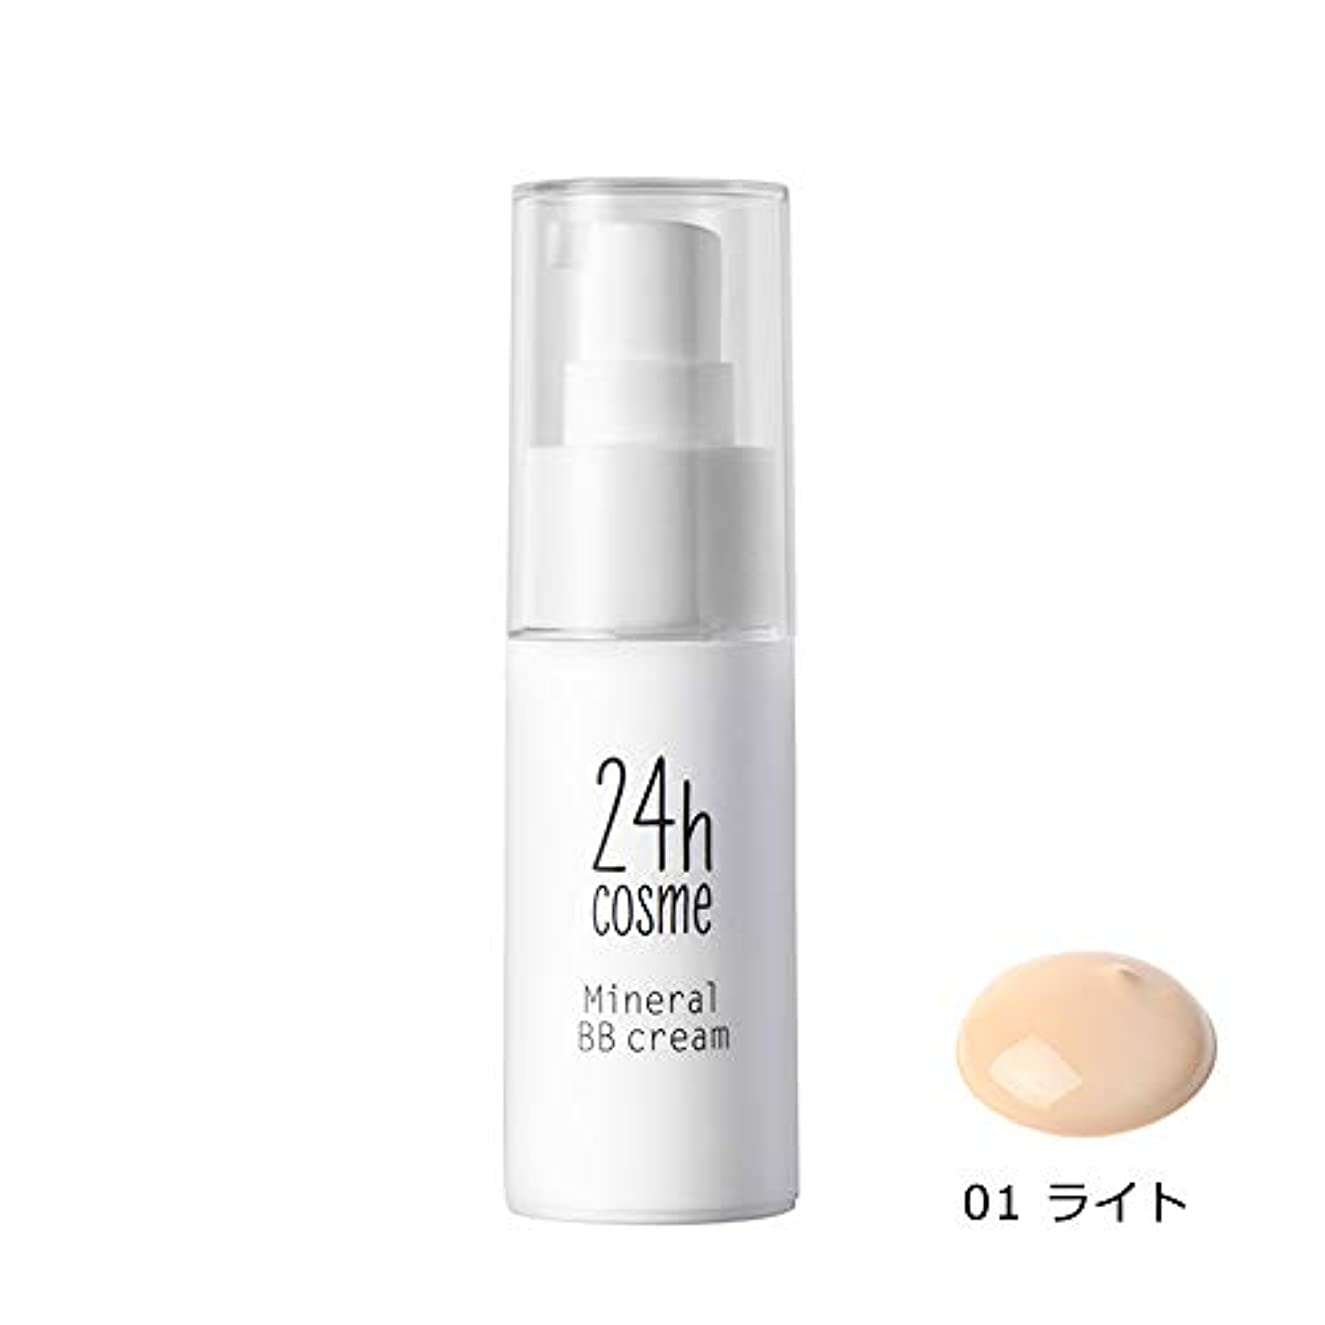 八感染する大騒ぎ24h cosme 24 ミネラルBBクリーム 01 ライト SPF30PA+++